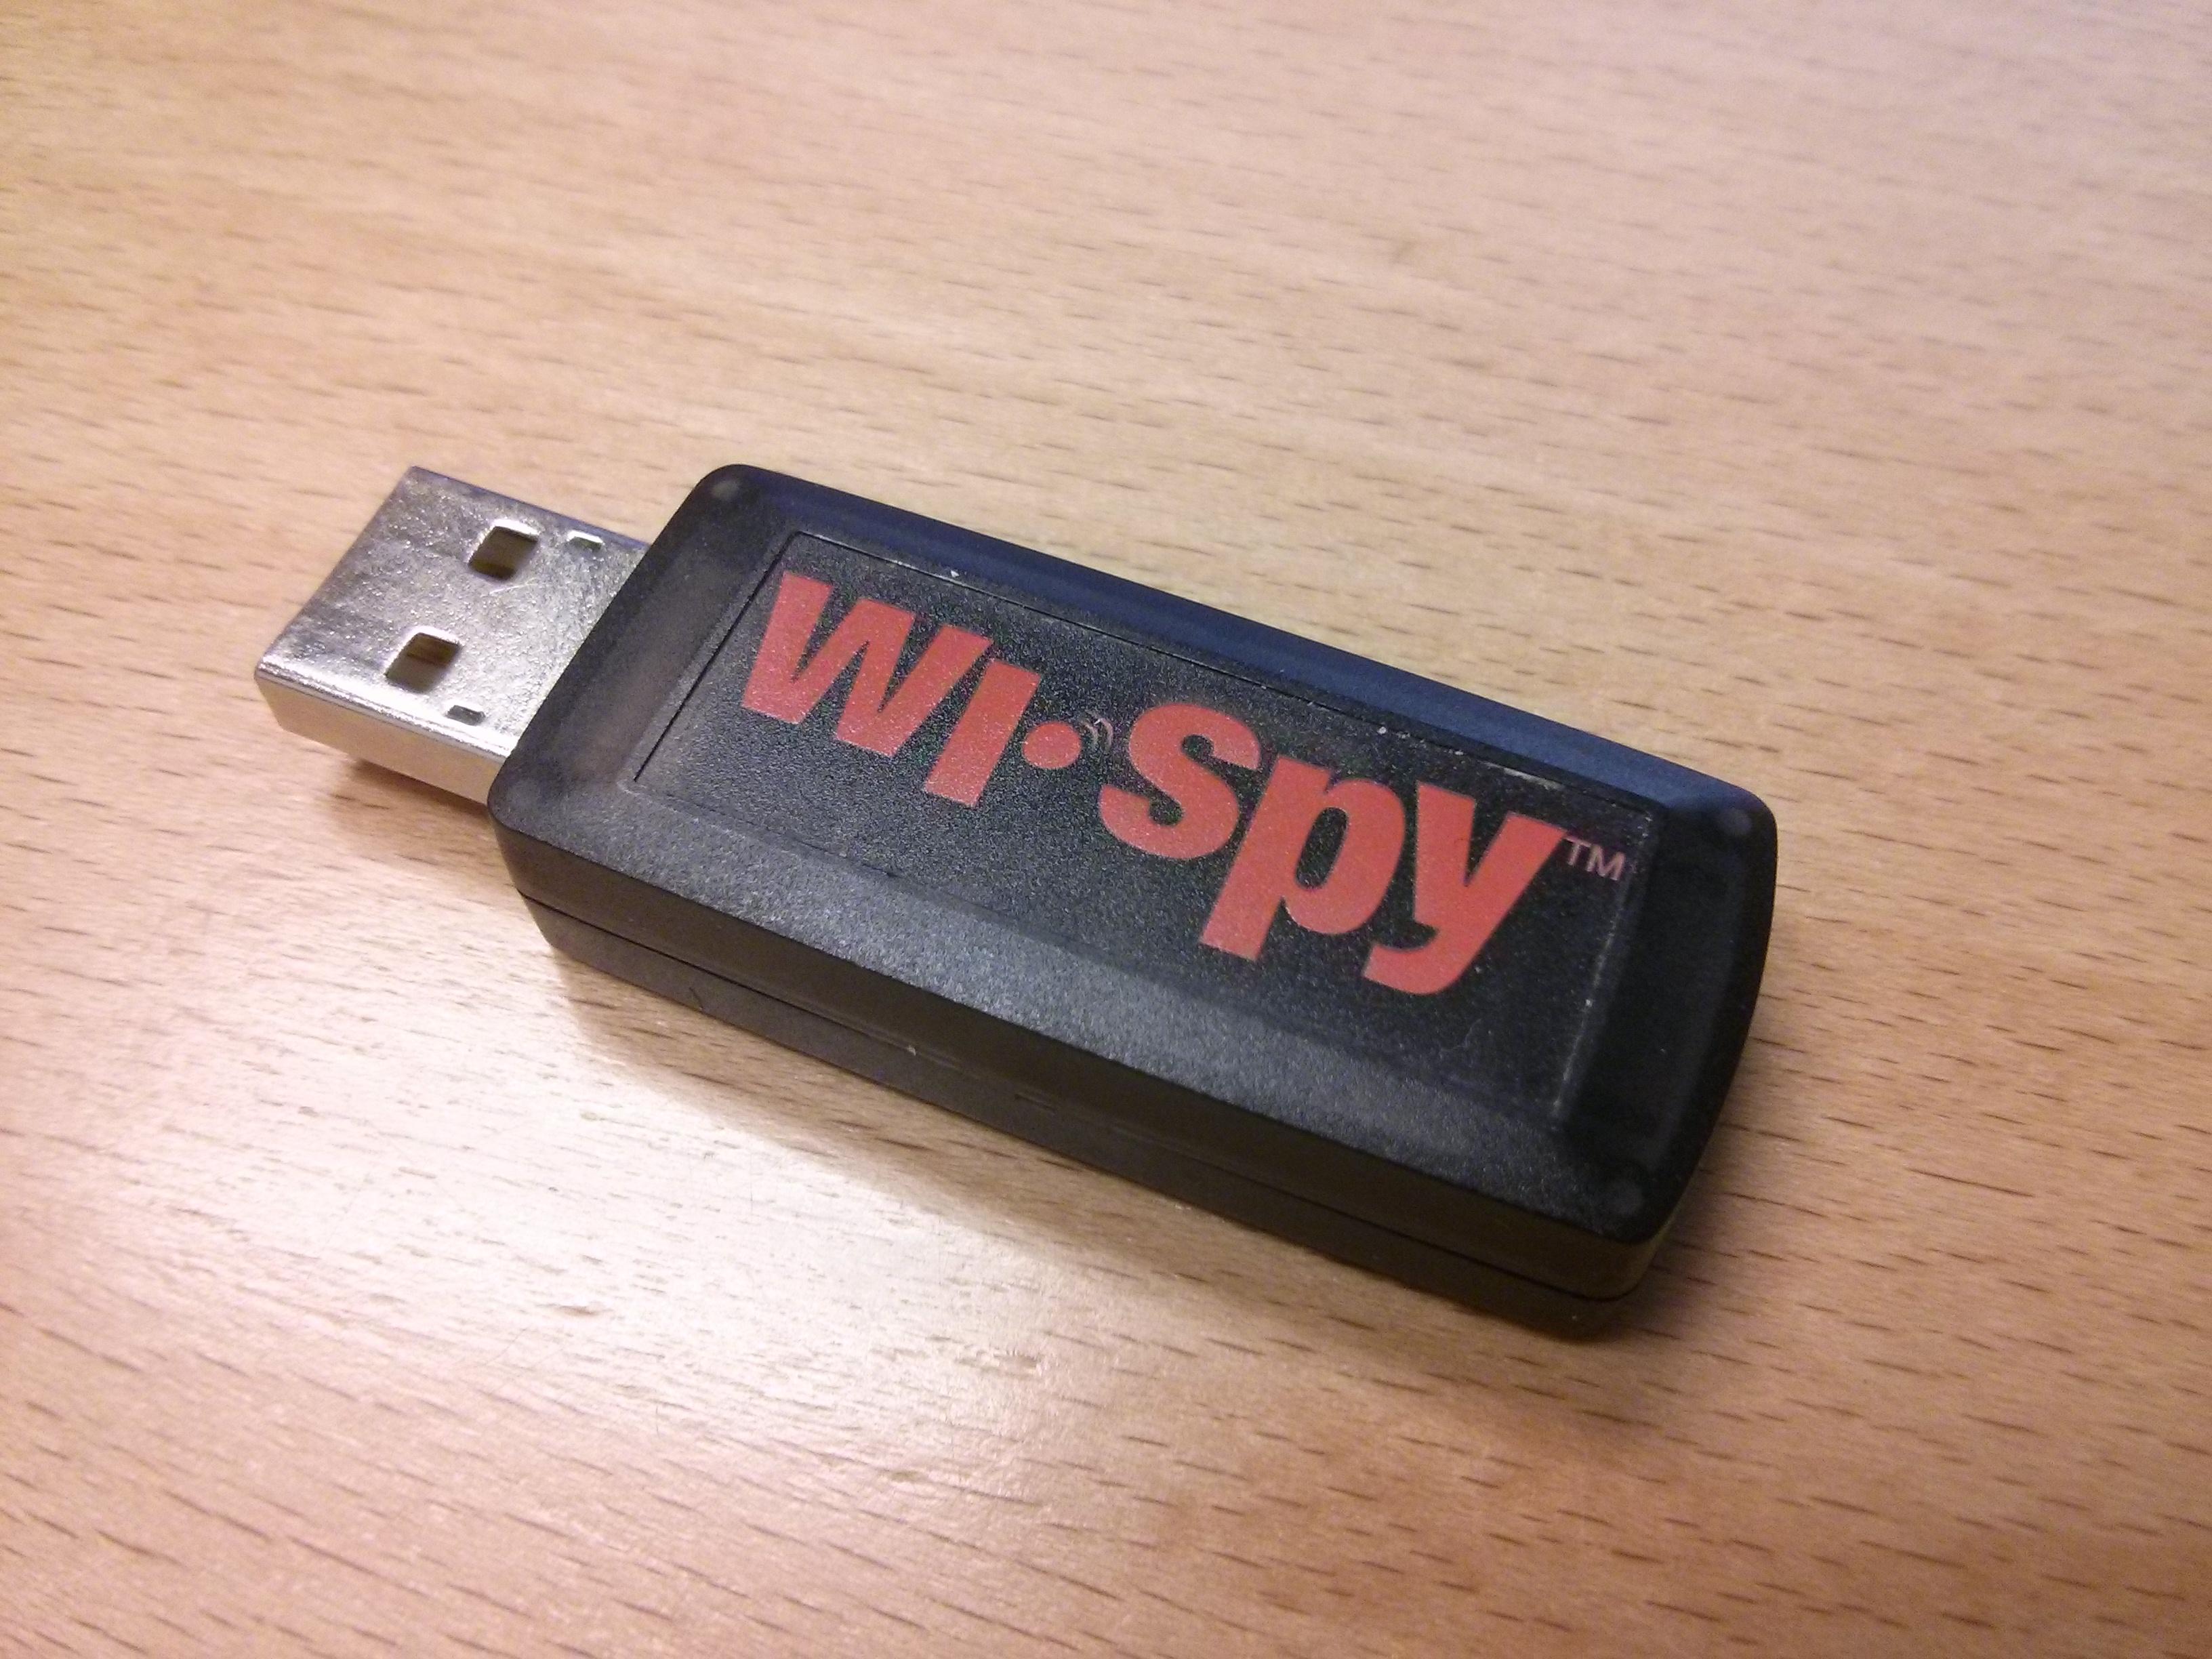 DRIVER: WI SPY 2.4X